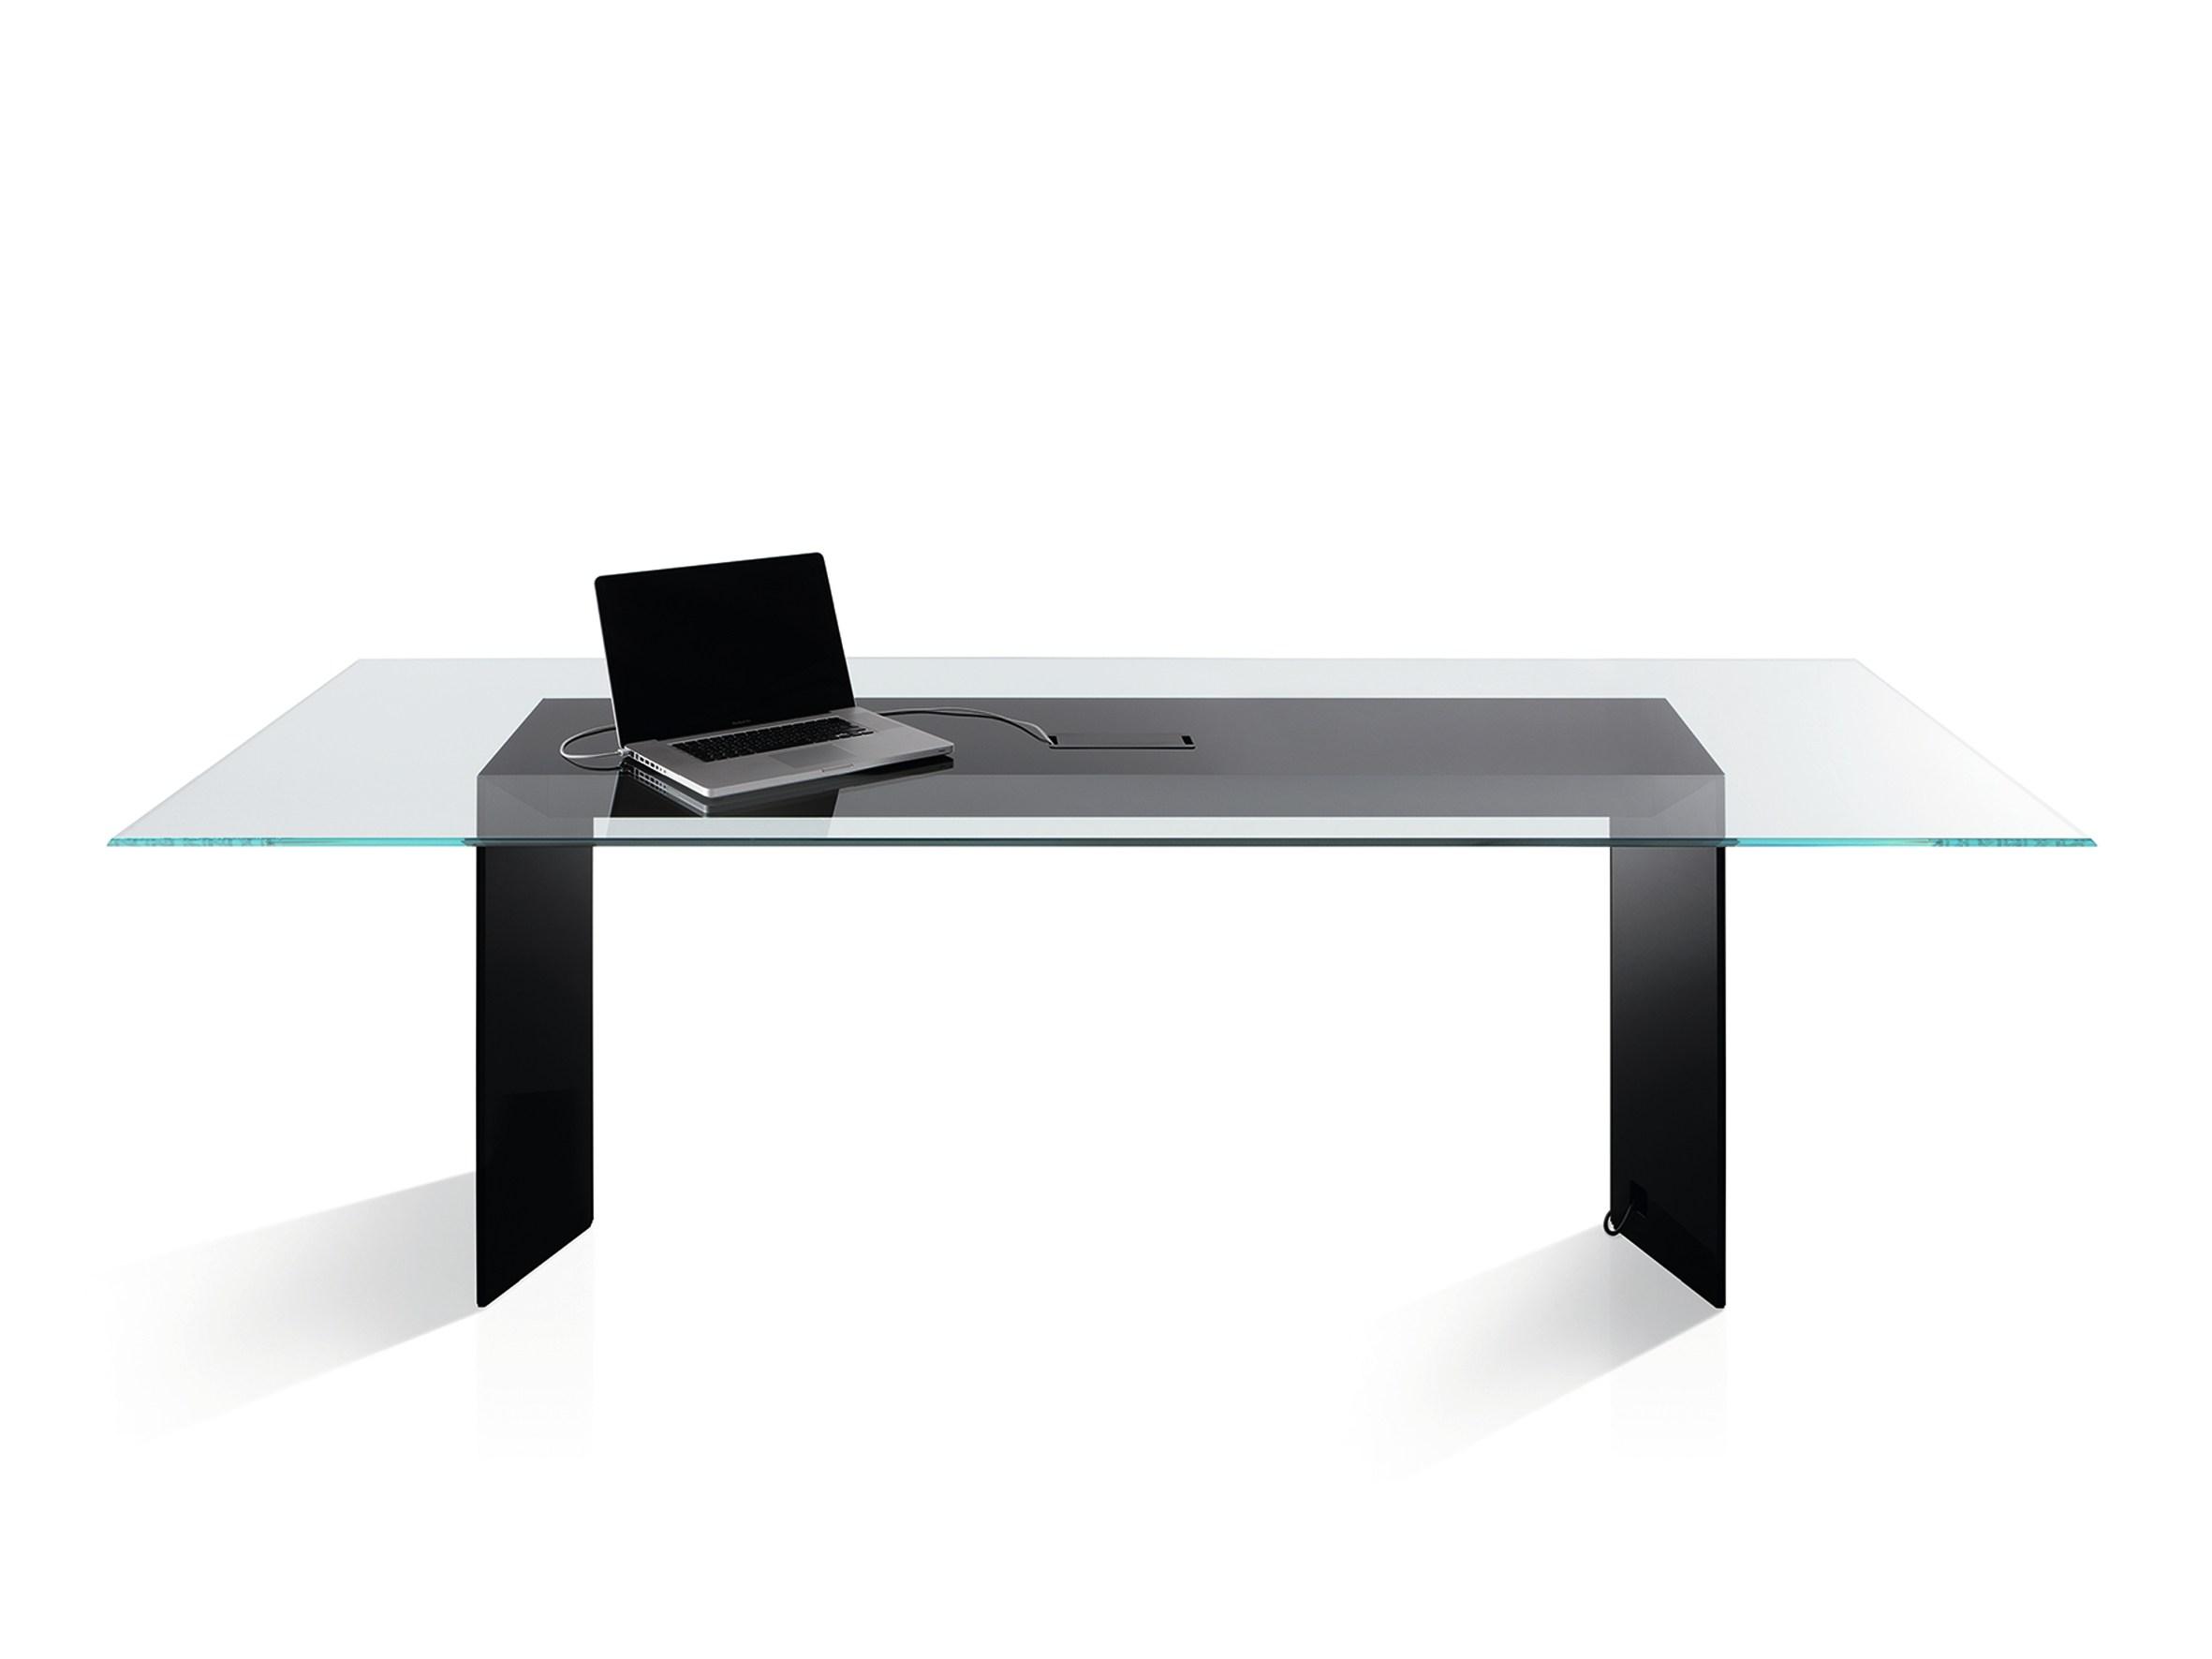 Scrivania tavolo in cristallo DOLM Gallotti&Radice